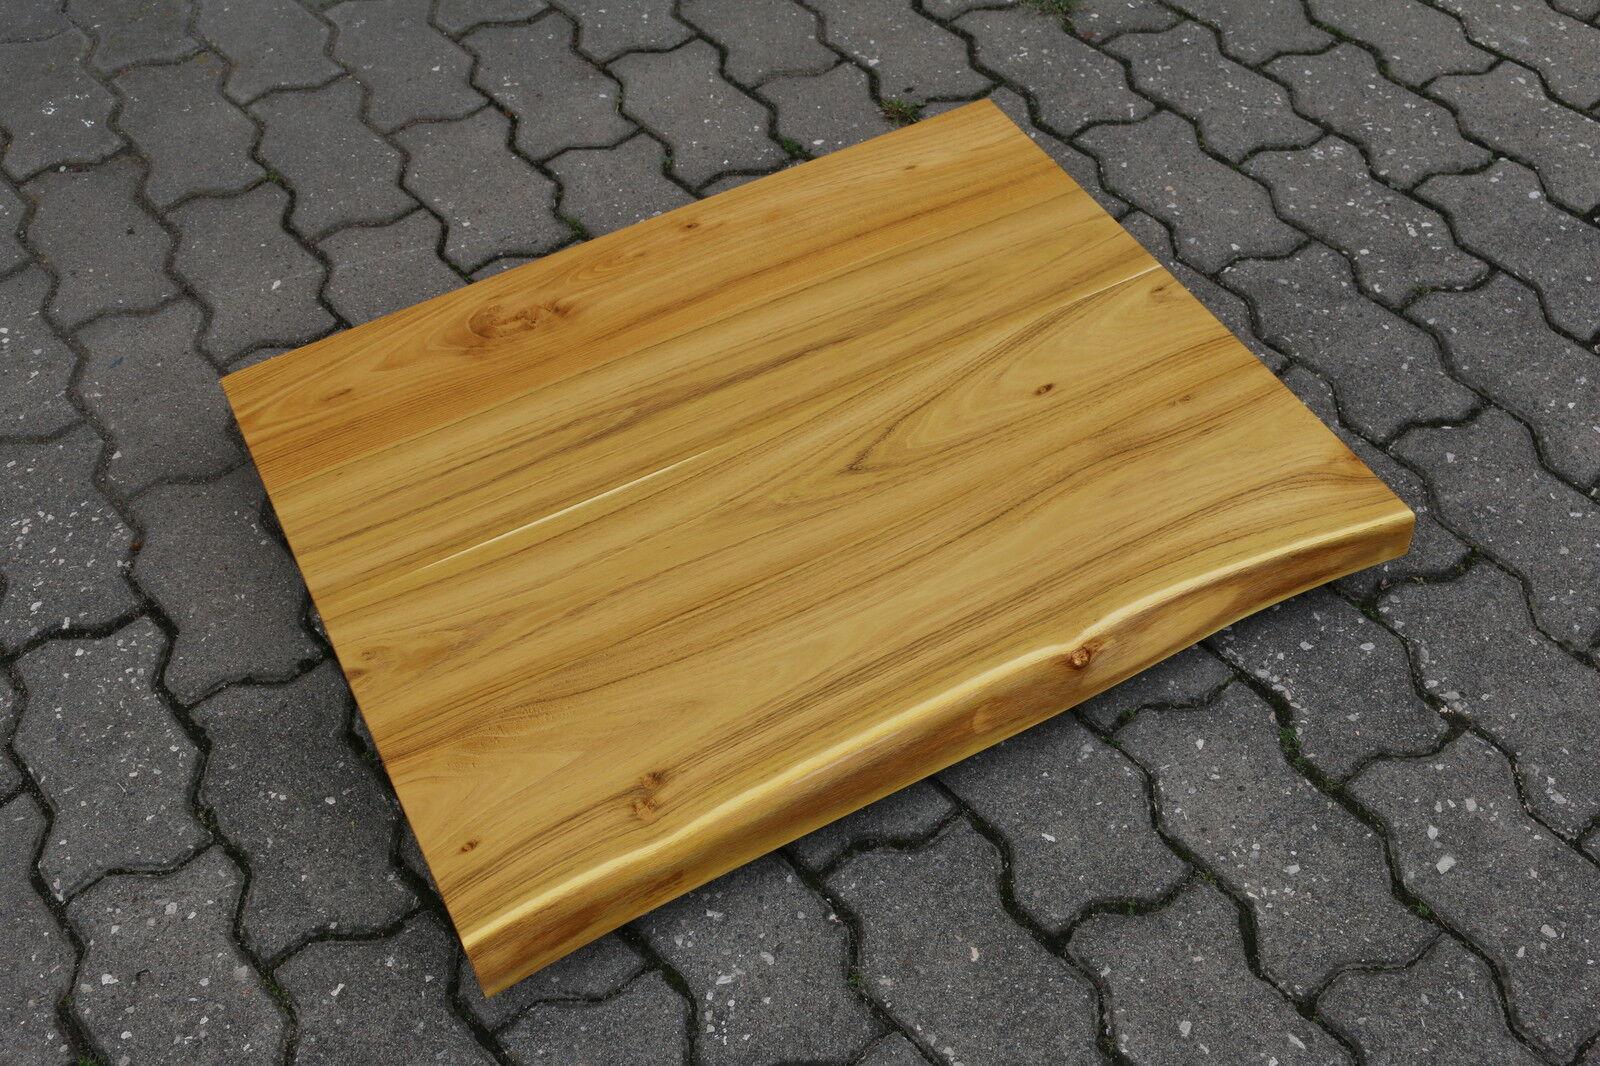 waschtisch tischplatte platte akazie massiv holz mit. Black Bedroom Furniture Sets. Home Design Ideas